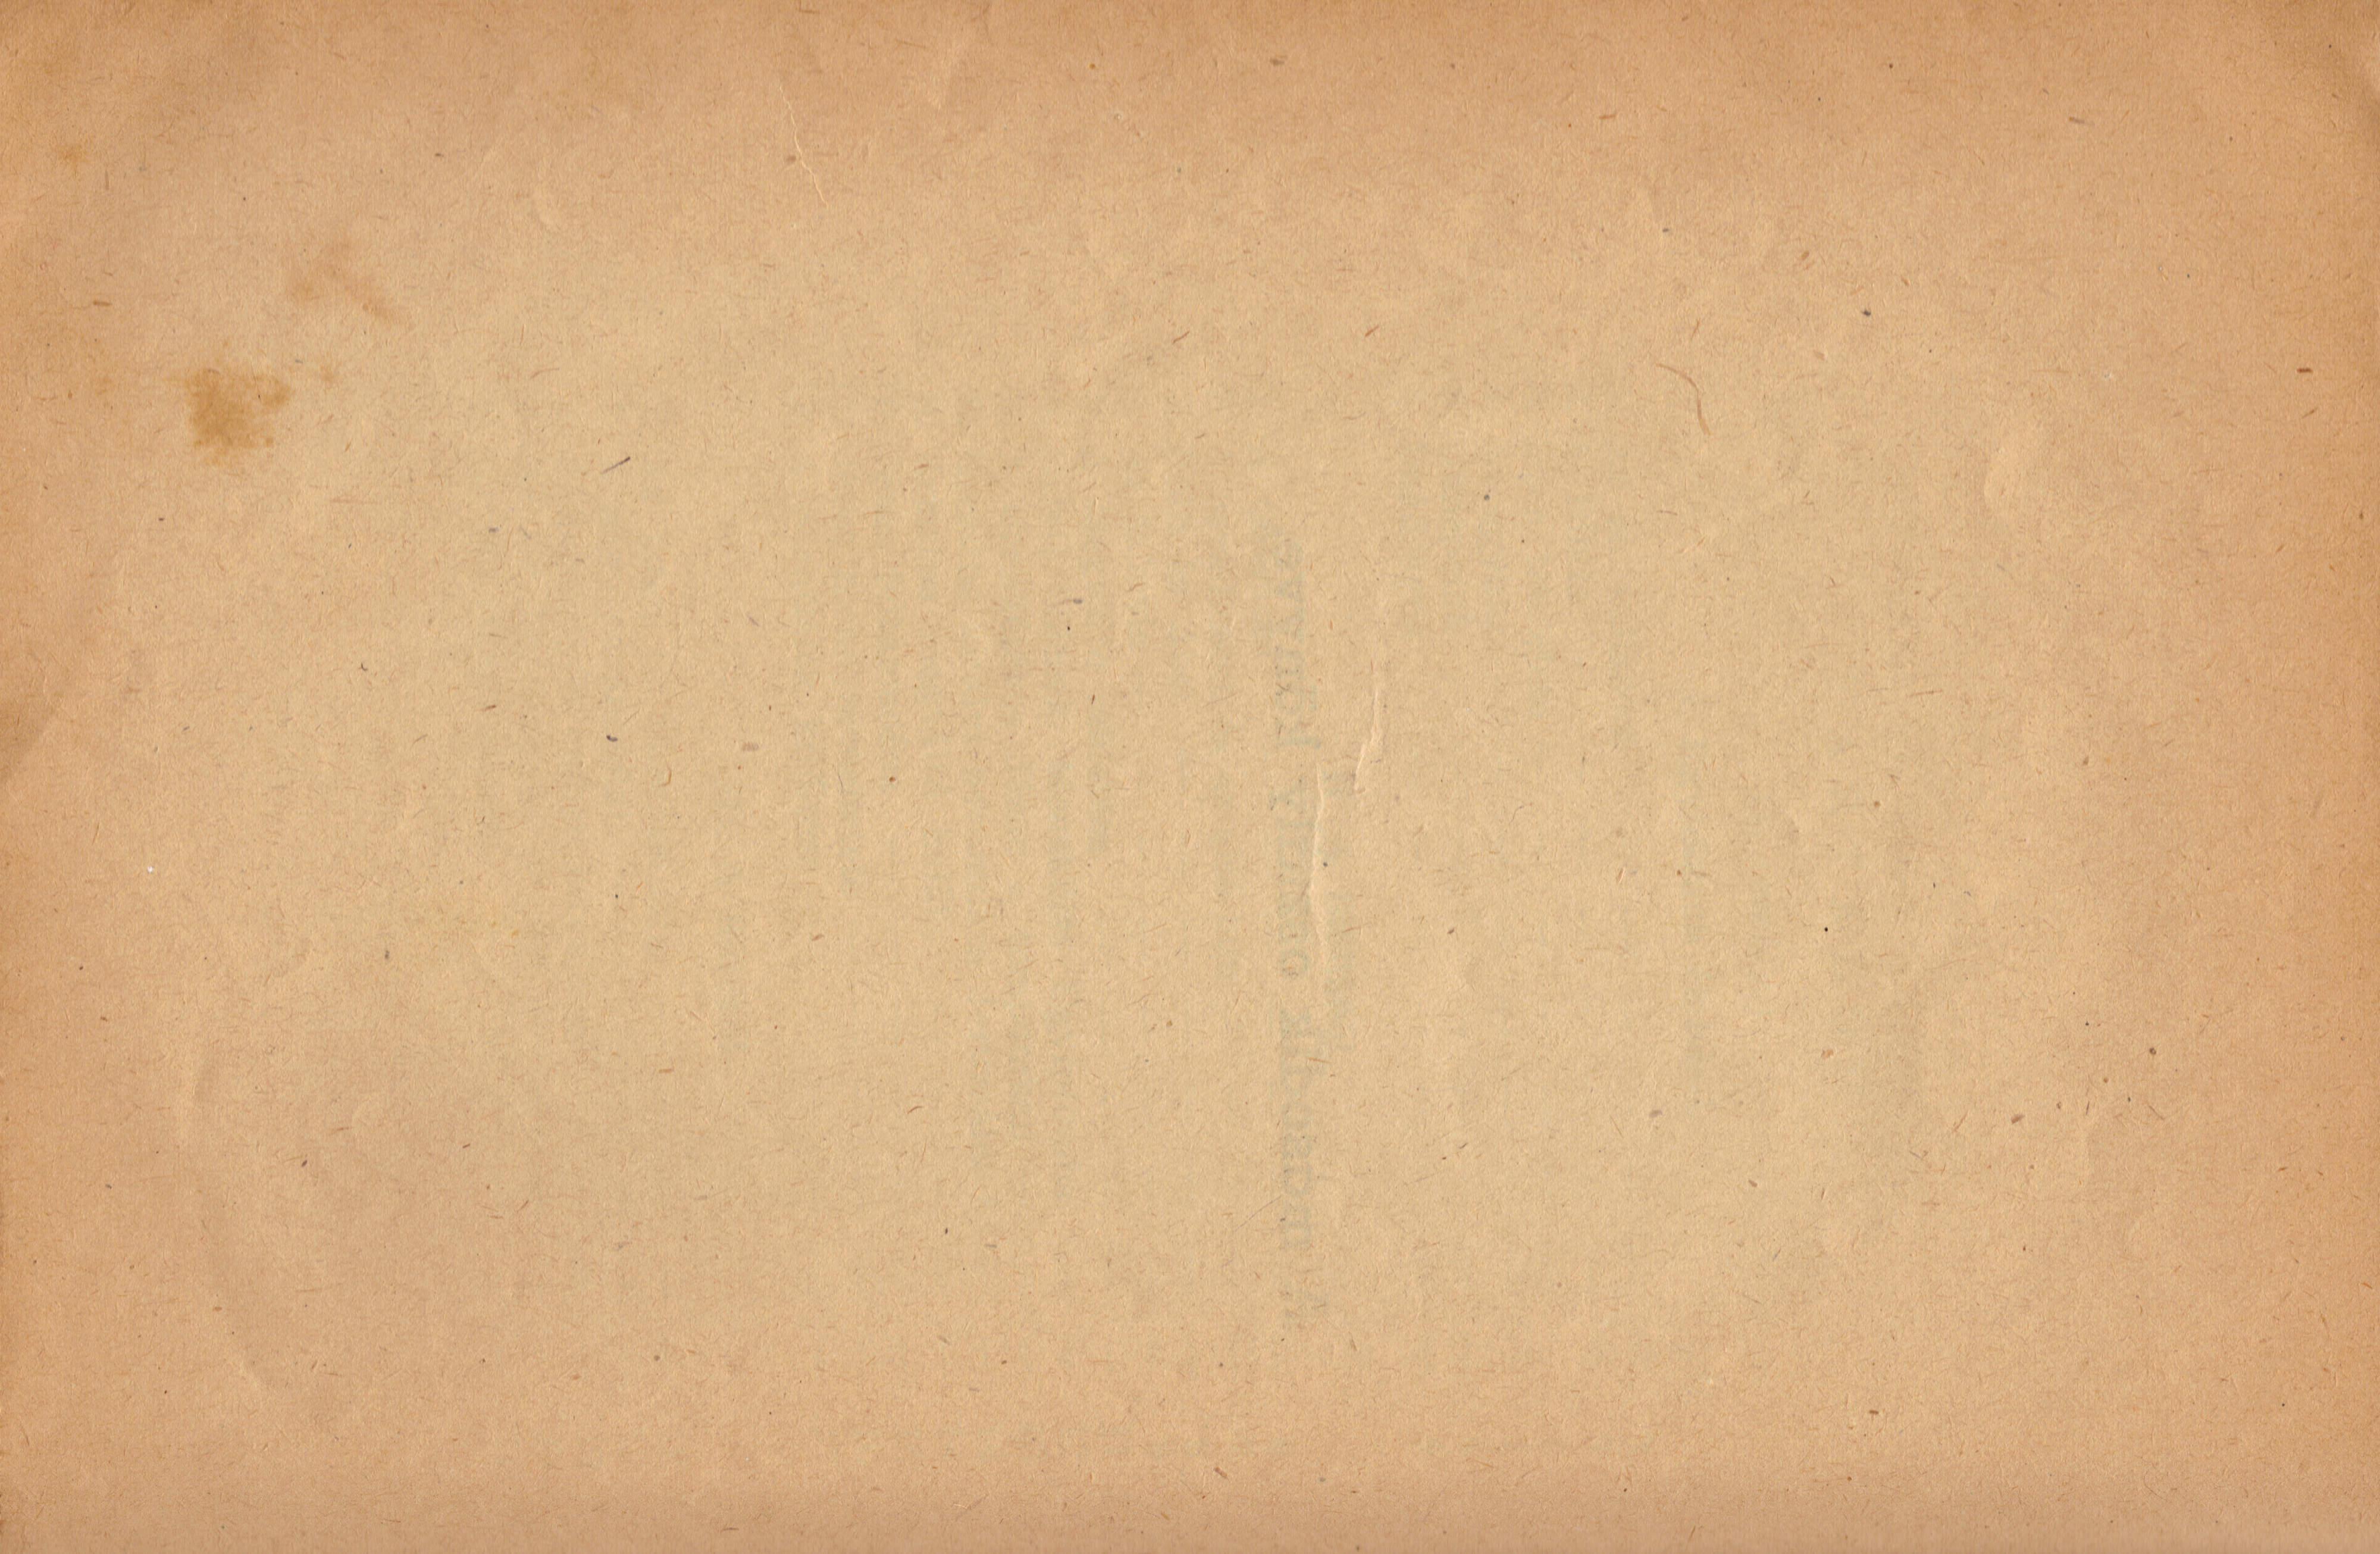 9 Simple Old Paper Textures (JPG) Vol. 3